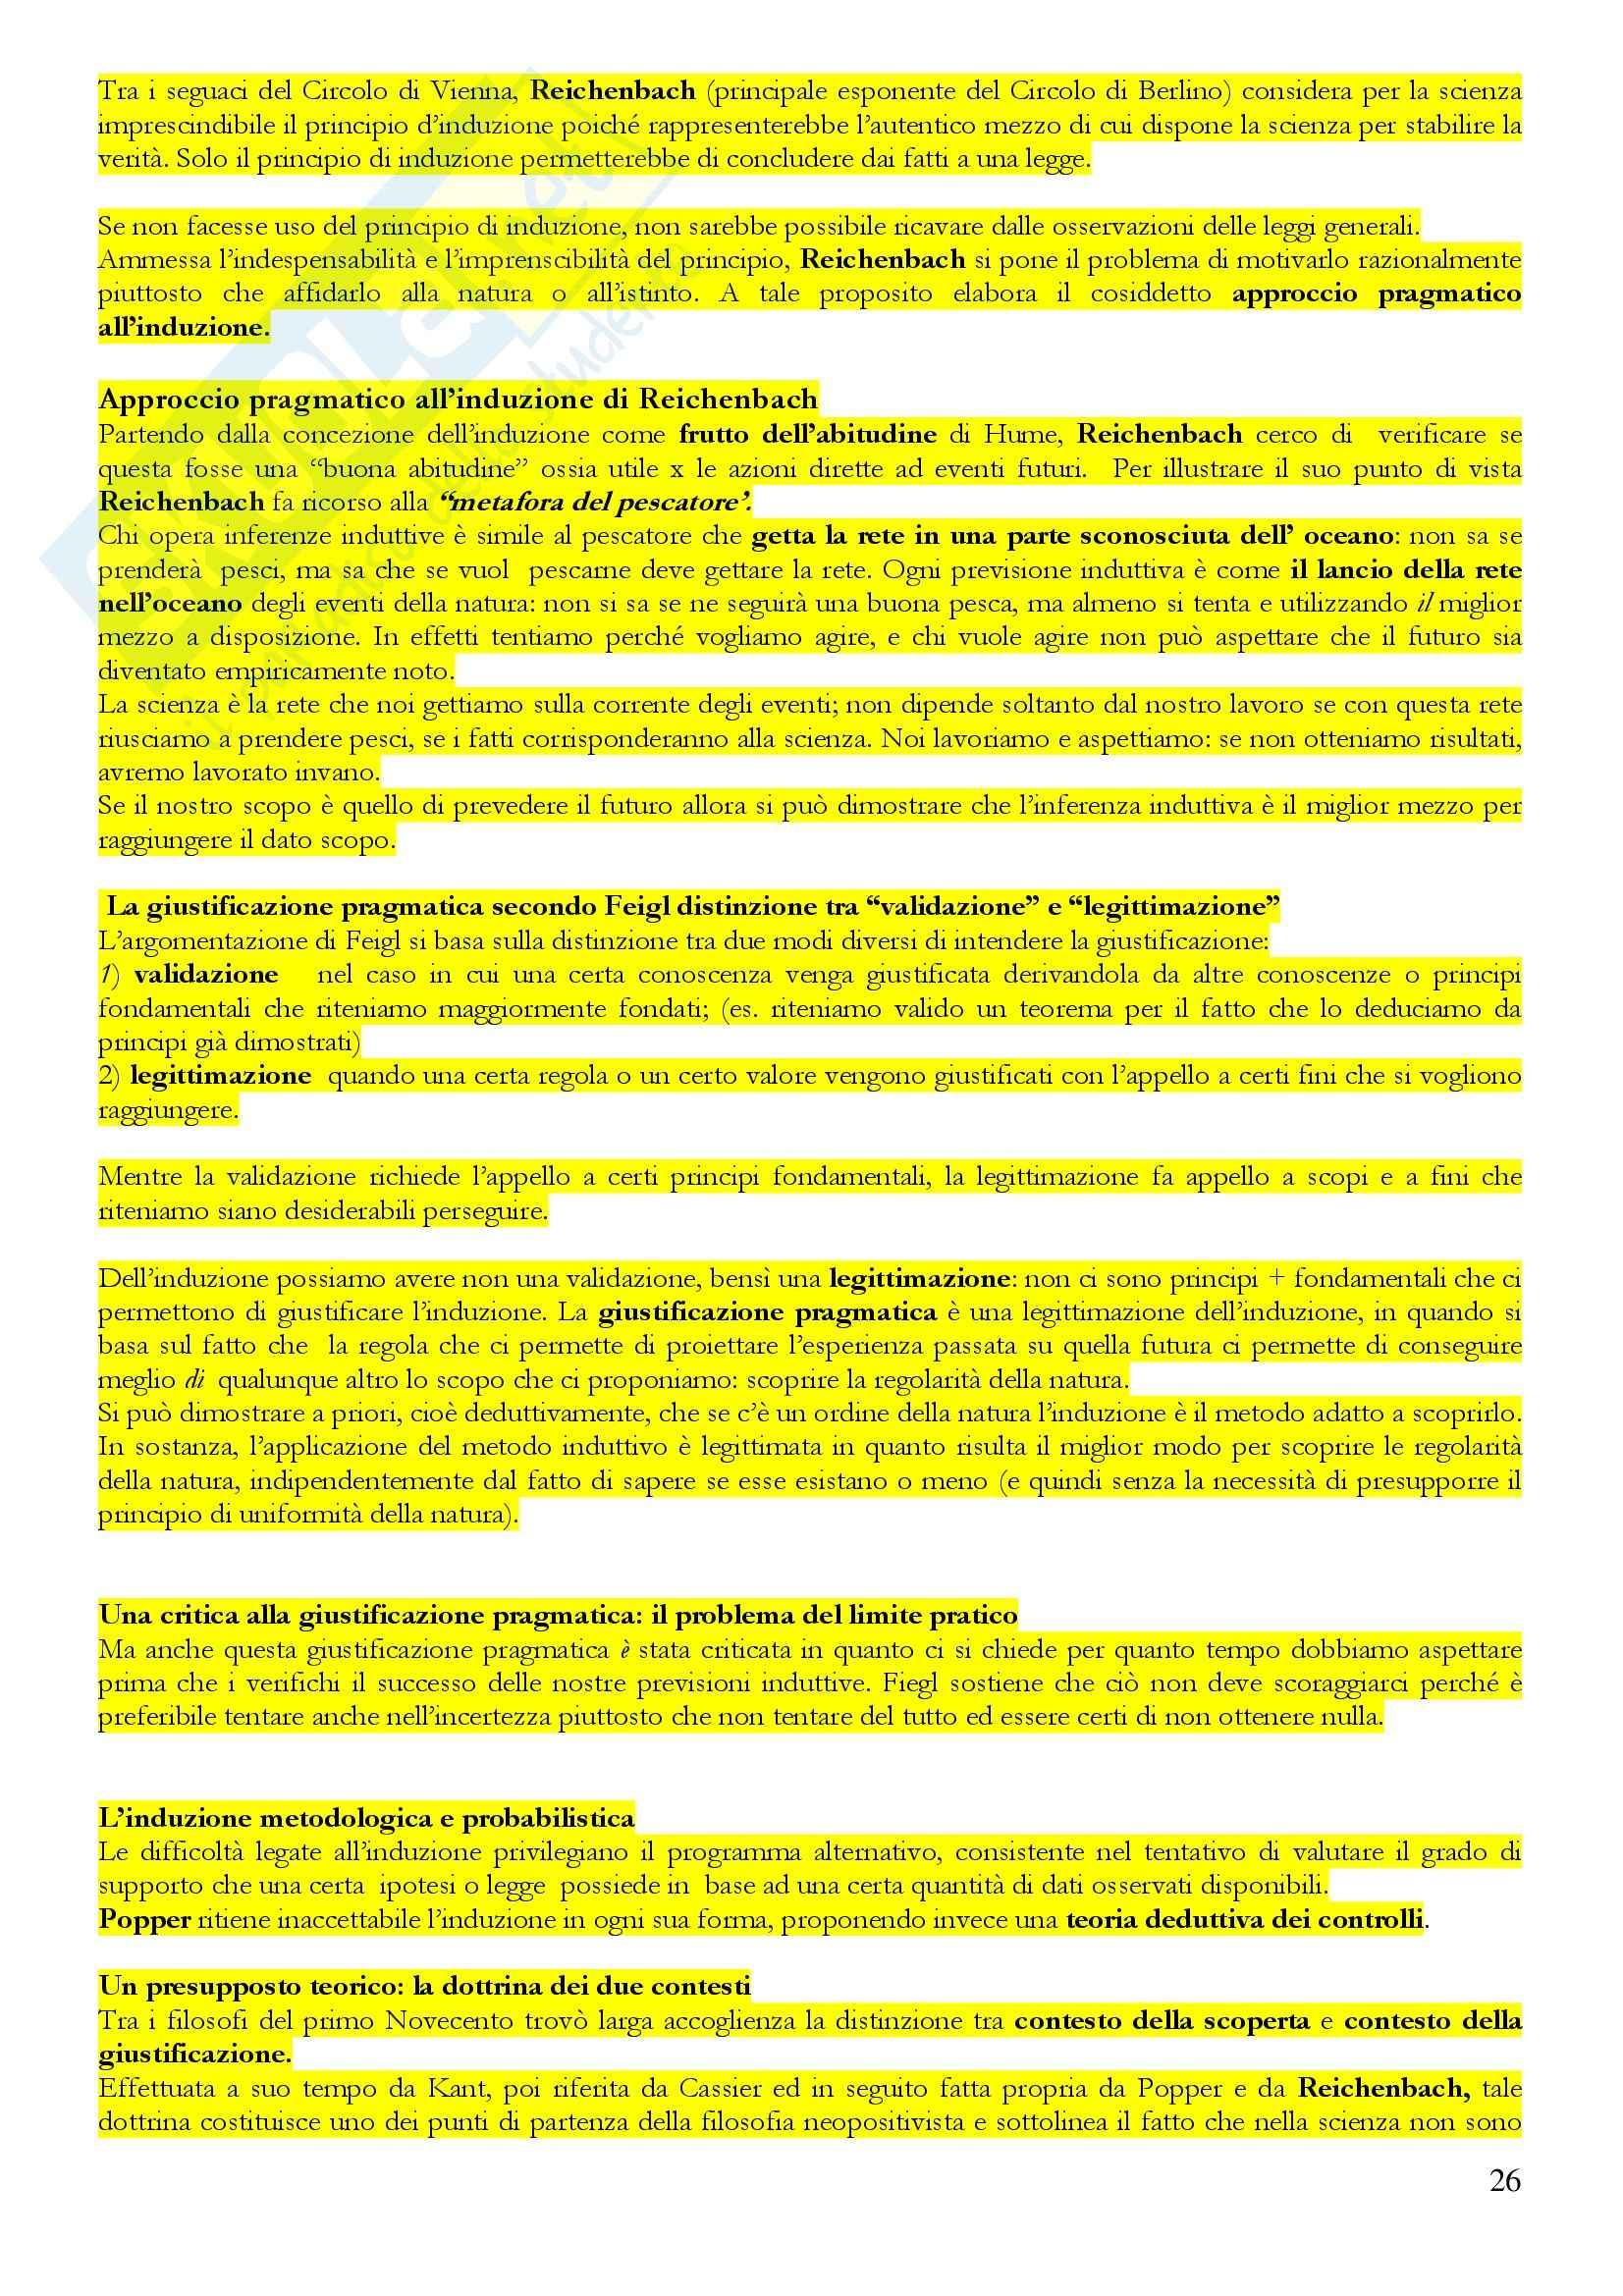 Introduzione alla filosofia della scienza - Riassunto esame, prof. Galavotti Pag. 26